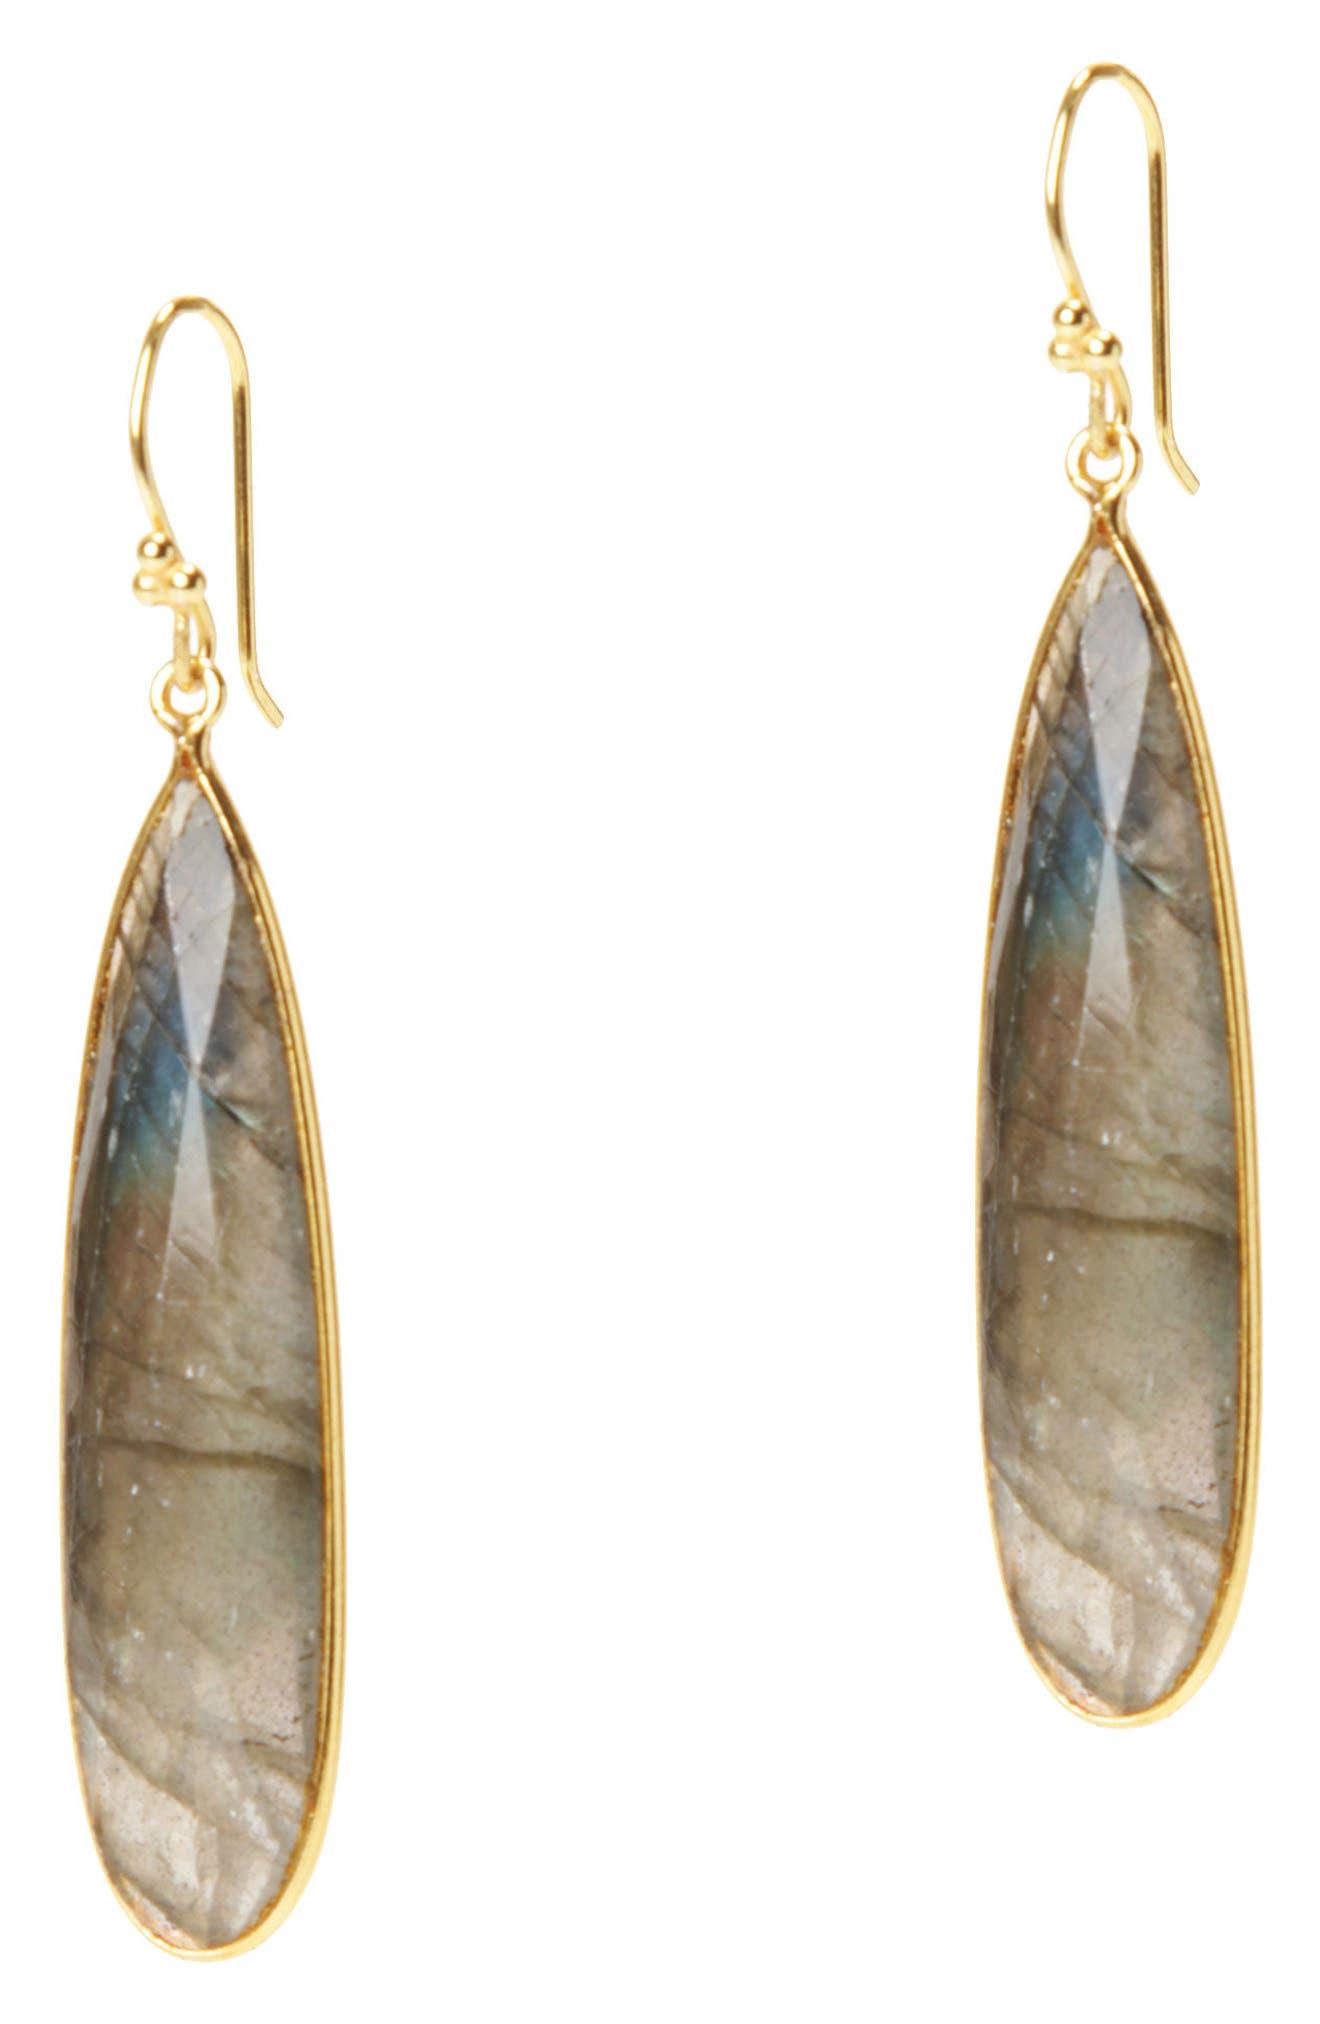 Newport Semiprecious Stone Teardrop Earrings,                             Main thumbnail 1, color,                             LABRADORITE